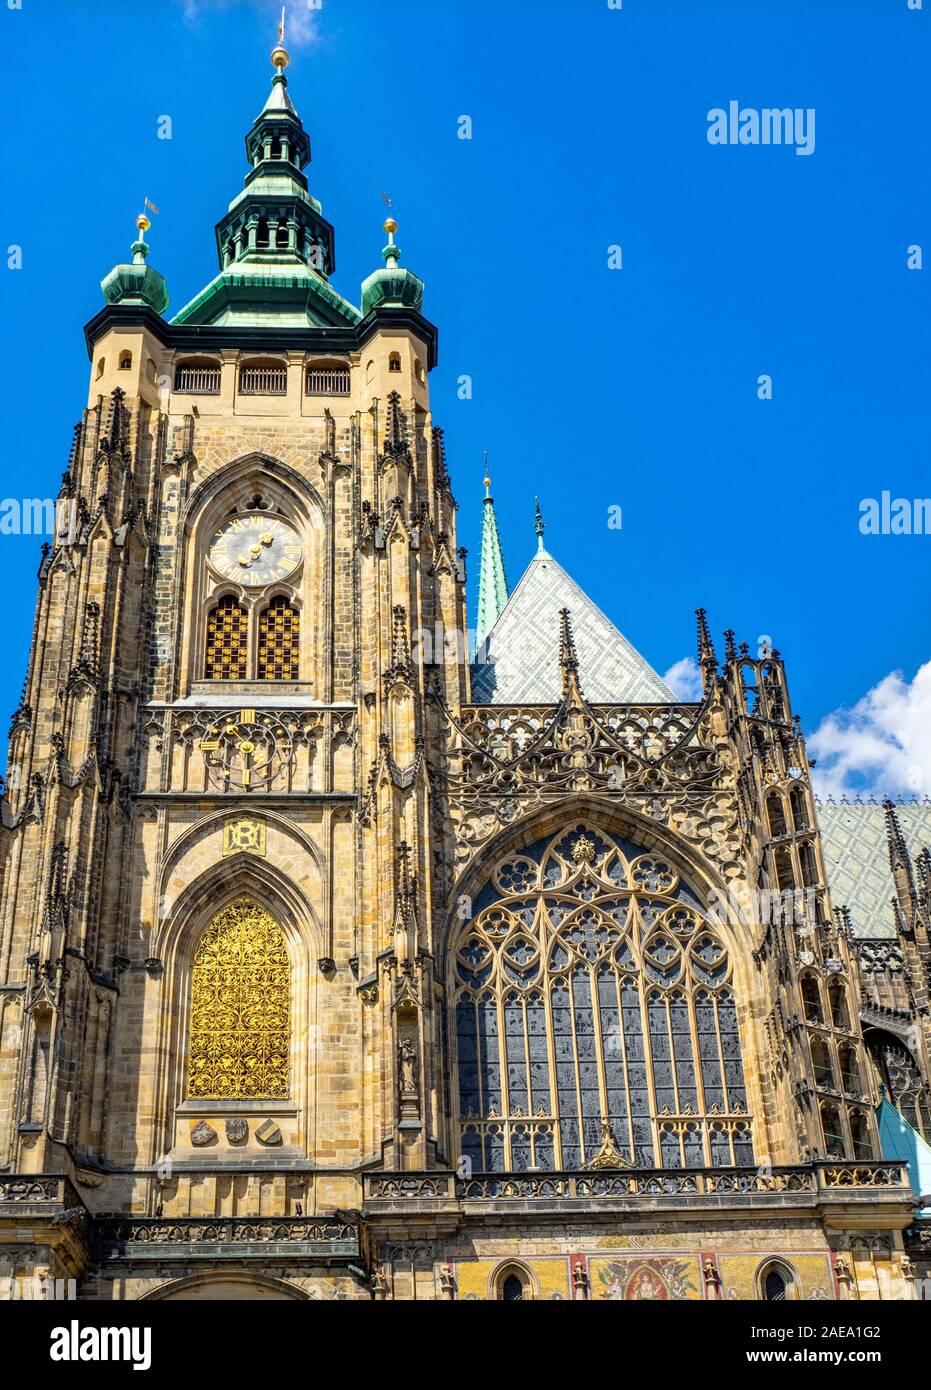 Gran Torre Sur de la Catedral gótica de San Vito Praga Castillo complejo Praga República Checa. Foto de stock